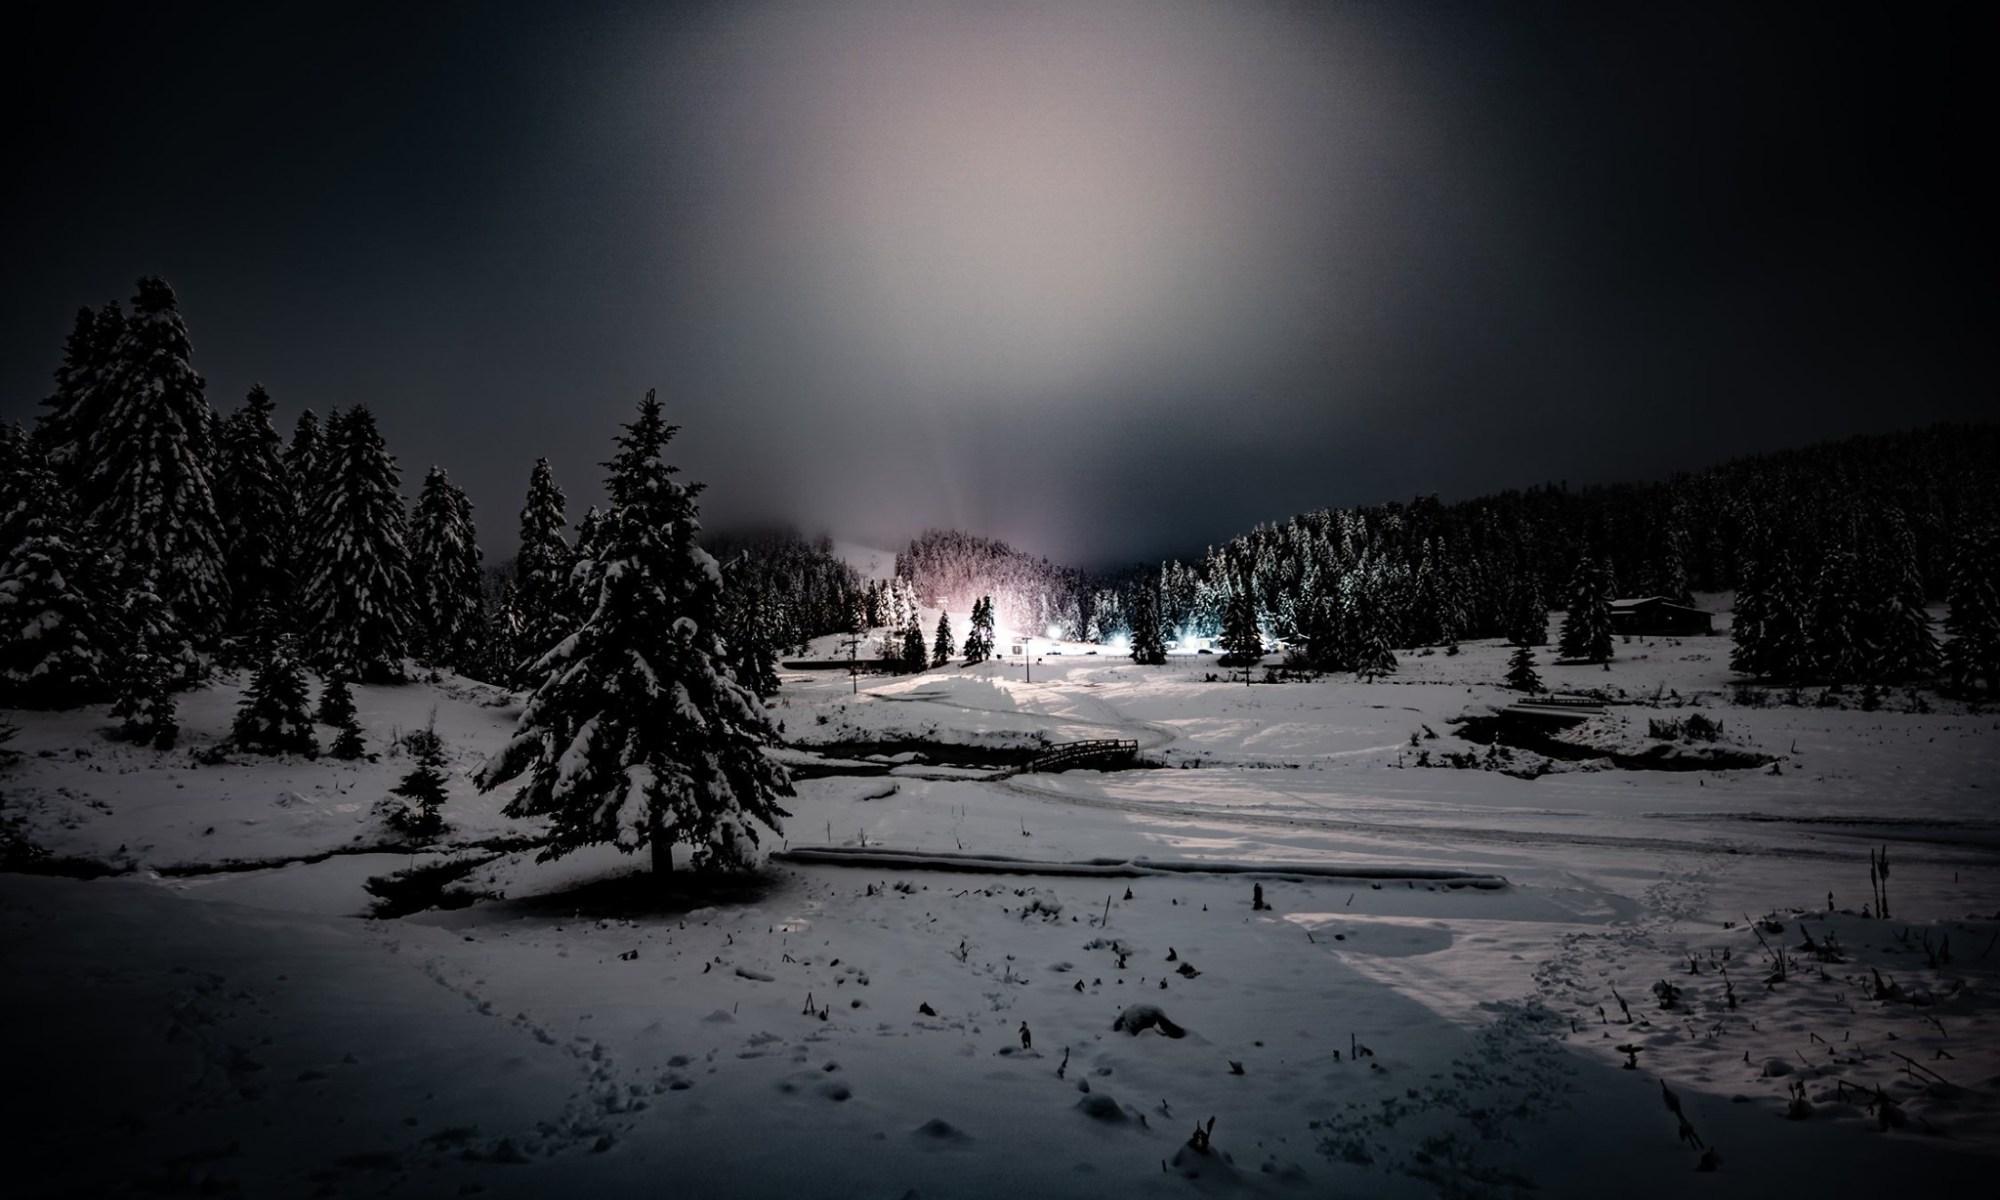 Με τις… γουρούνες στο χιονισμένο δάσος Περτουλίου - ΒΙΝΤΕΟ